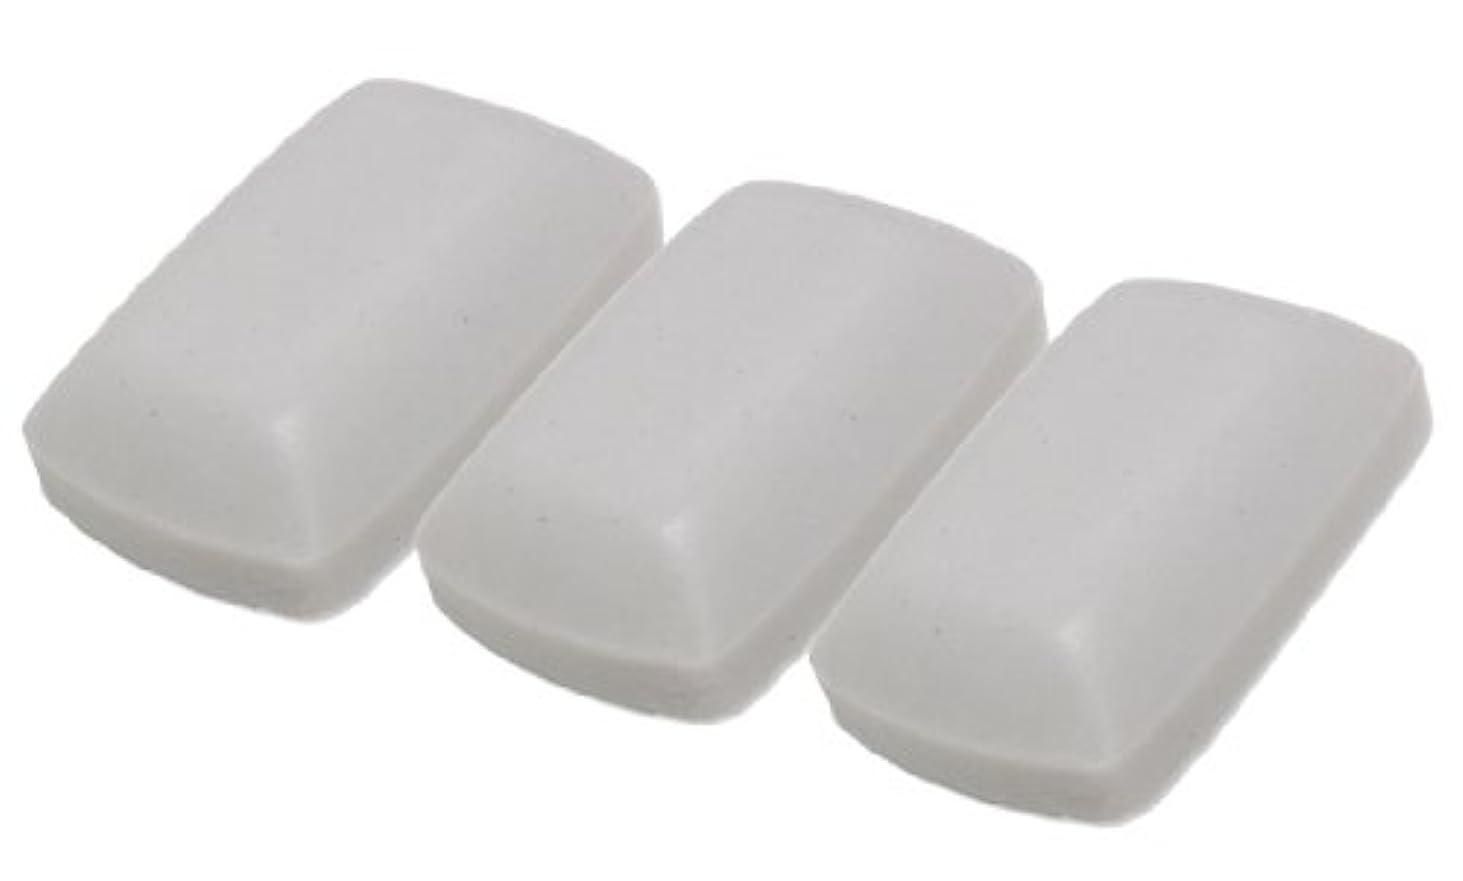 コショウ教素人不思議な石鹸「ゆらぎ乃せっけん」3個セット